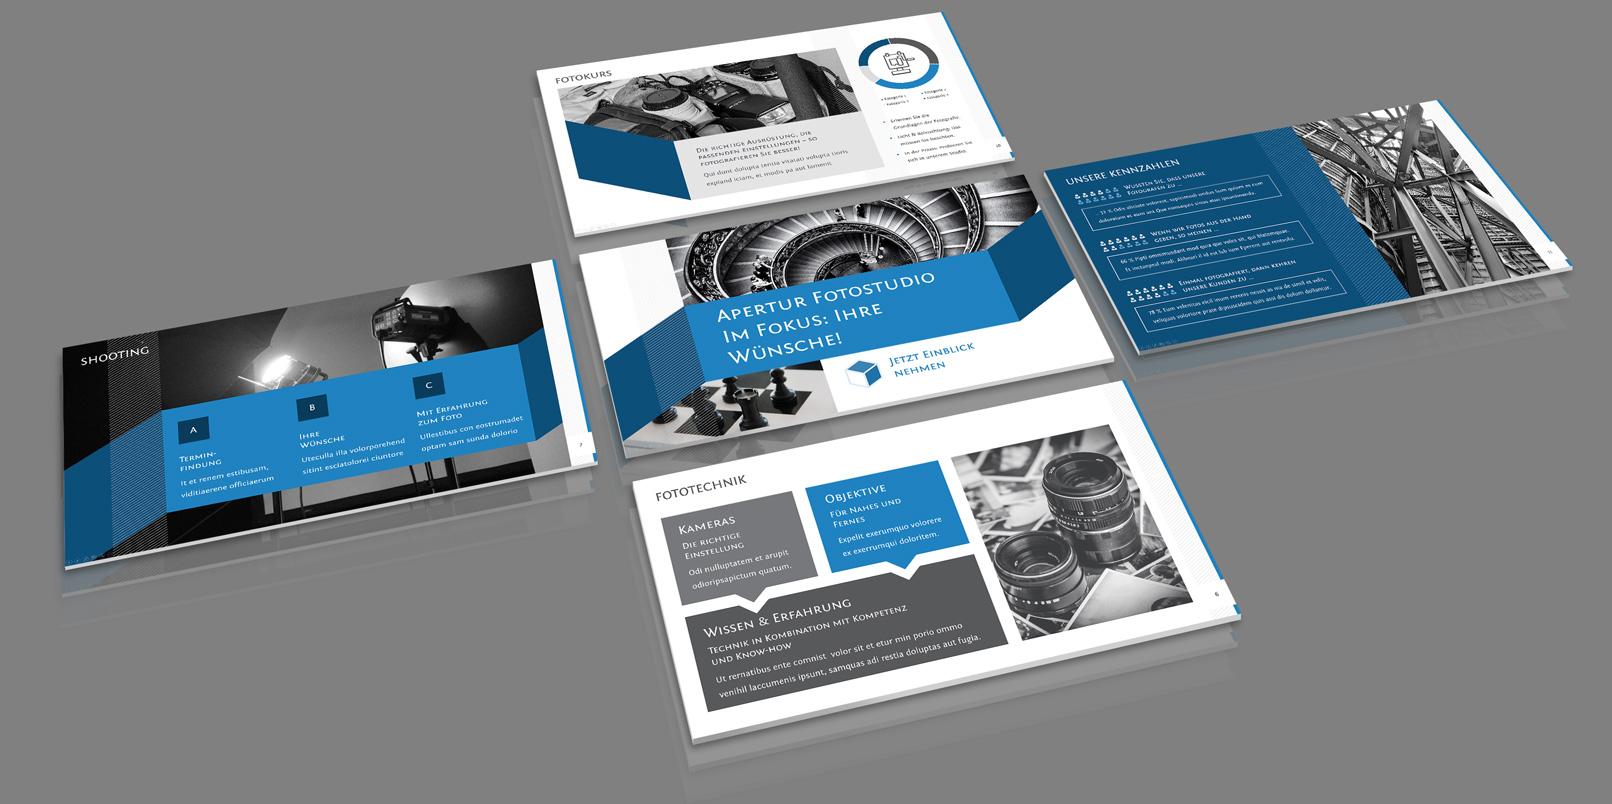 Präsentationsvorlagen für PowerPoint mit unterschiedlichen Folien-Layouts